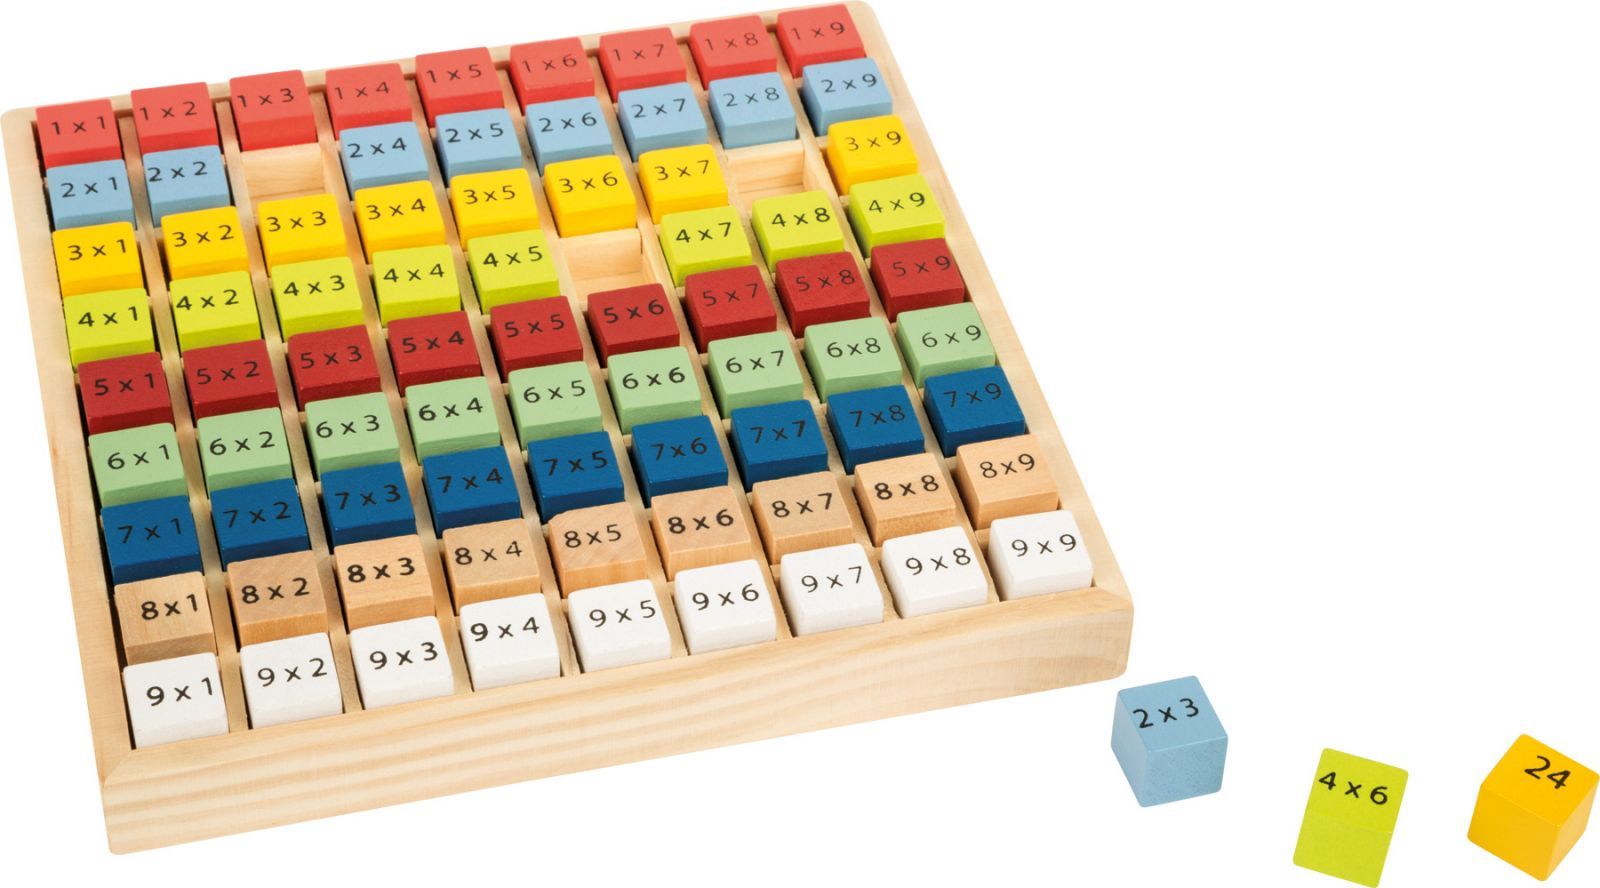 Dřevěné hračky Small Foot Dřevěná vzdělávácí tabulka násobilka Small foot by Legler